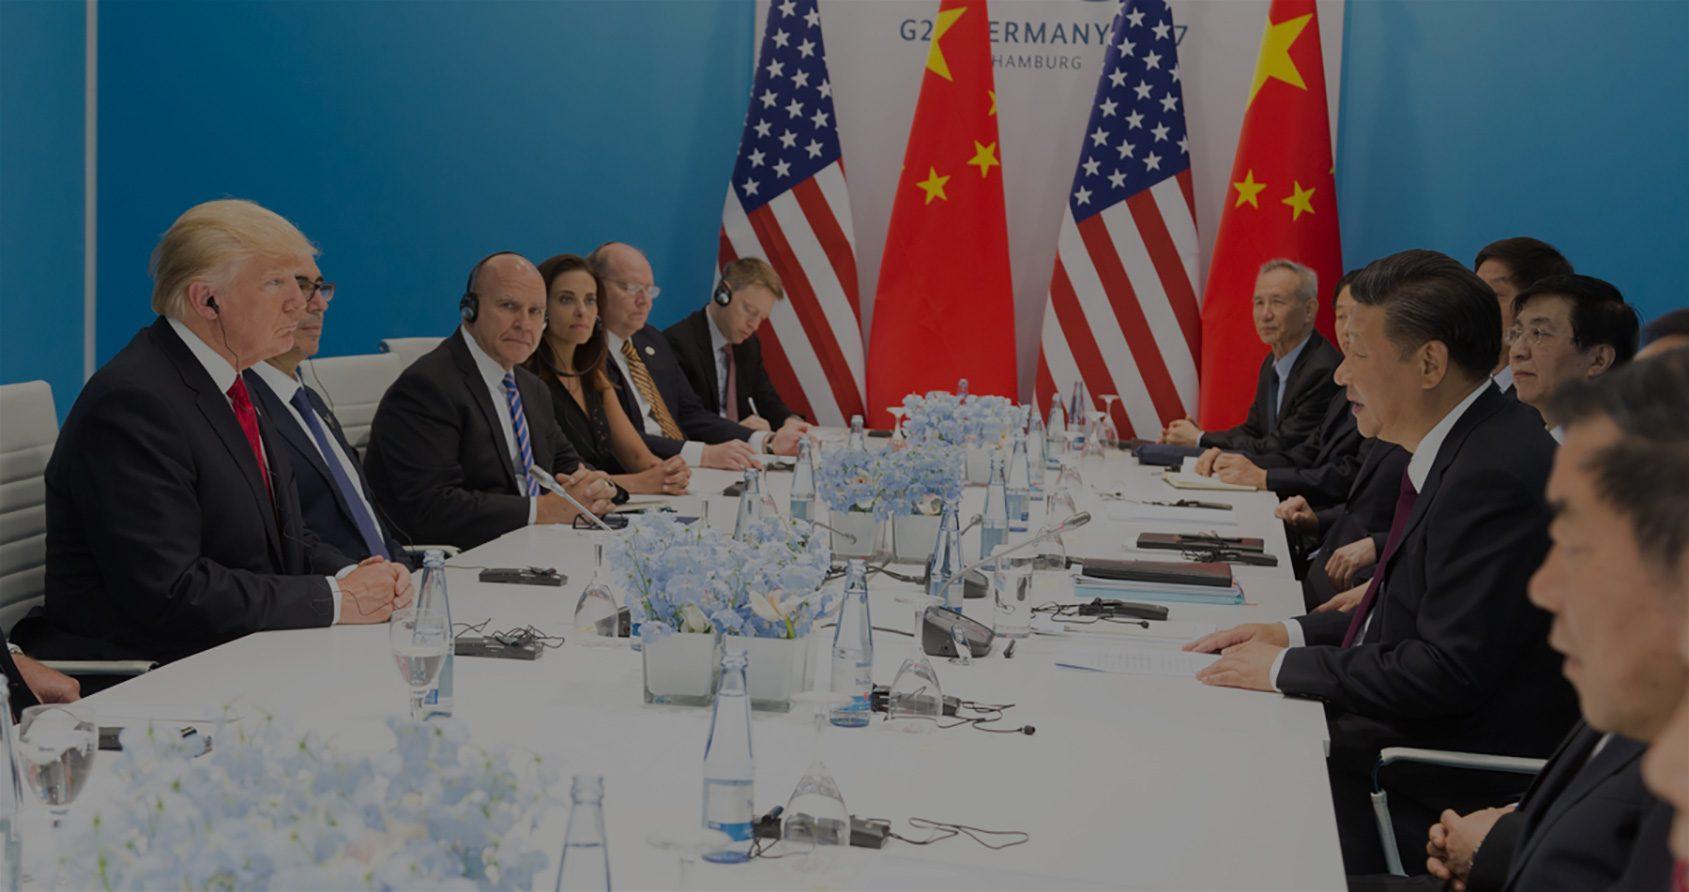 Les États-Unis vont-ils perdre leur bras de fer commercial avec la Chine?